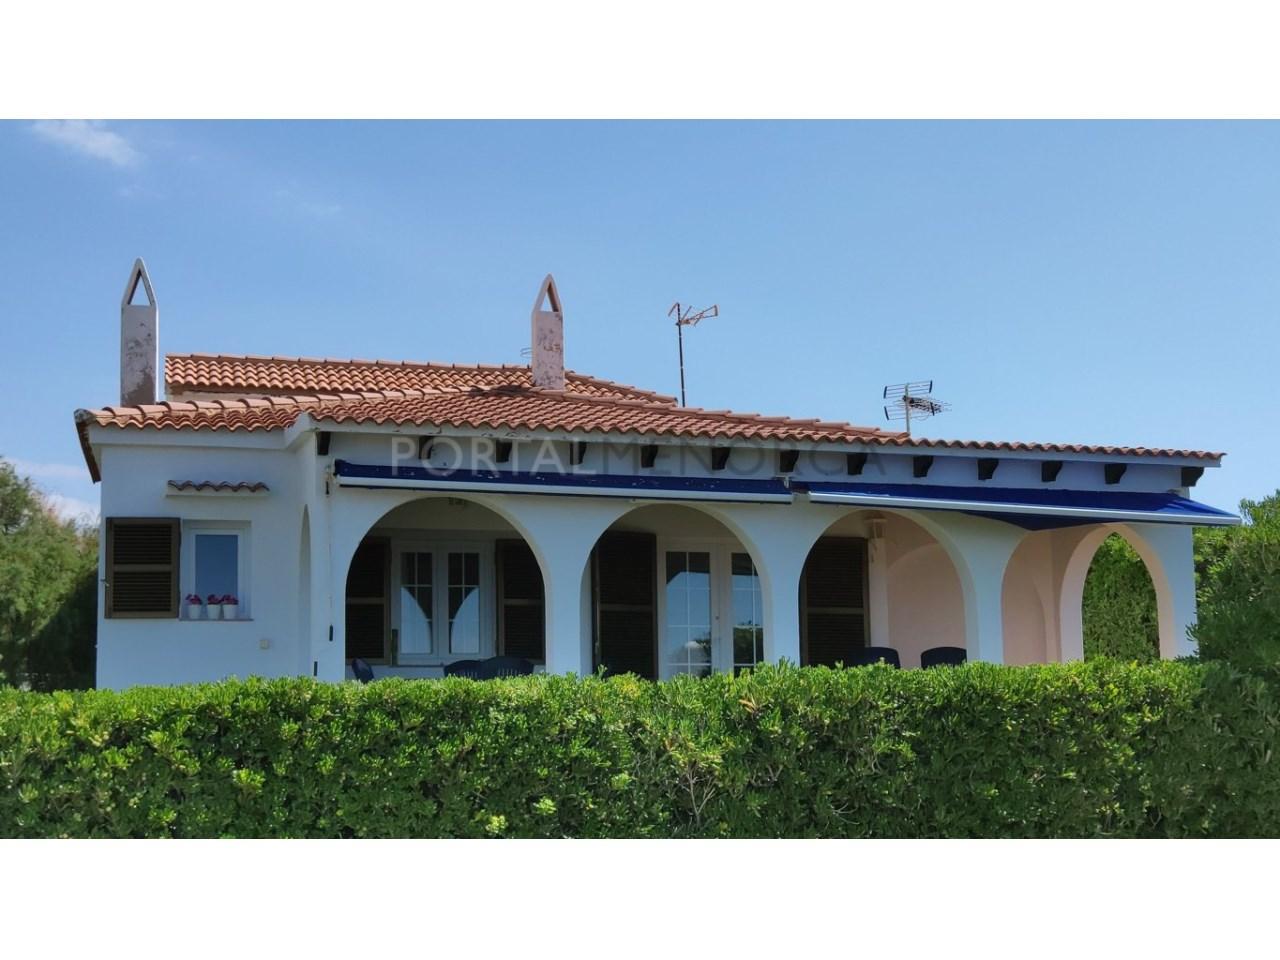 Chalet en venta en Cala Blanca Ciutadella - fachada mar